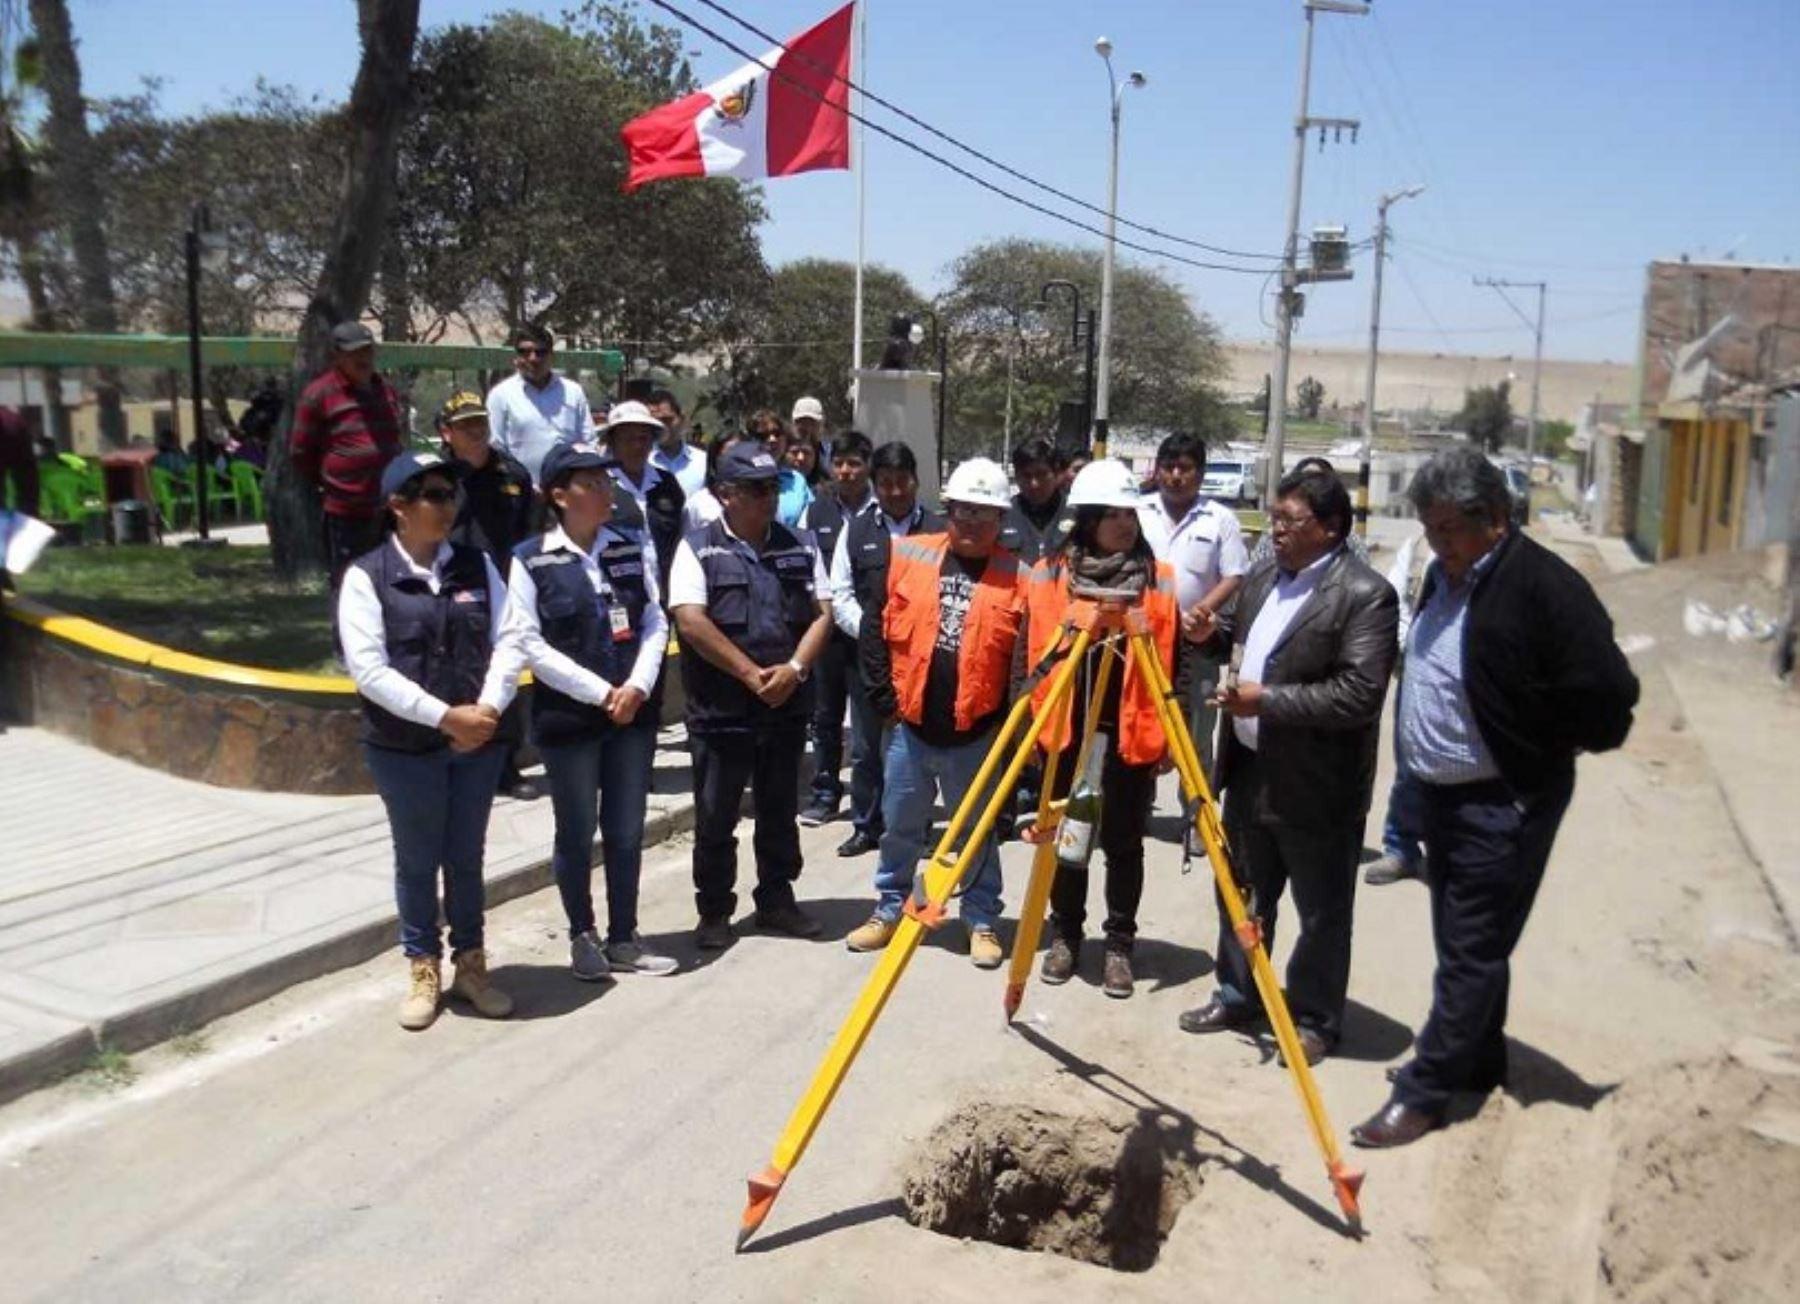 """Con la puesta en marcha del proyecto """"Ampliación y mejoramiento del servicio de agua potable y alcantarillado en los centros poblados de Sama Grande, Poquera, Proter y Tomasiri, distrito de Inclan, región Tacna"""", el 90% de la población de esta jurisdicción contará con servicios básicos de saneamiento."""